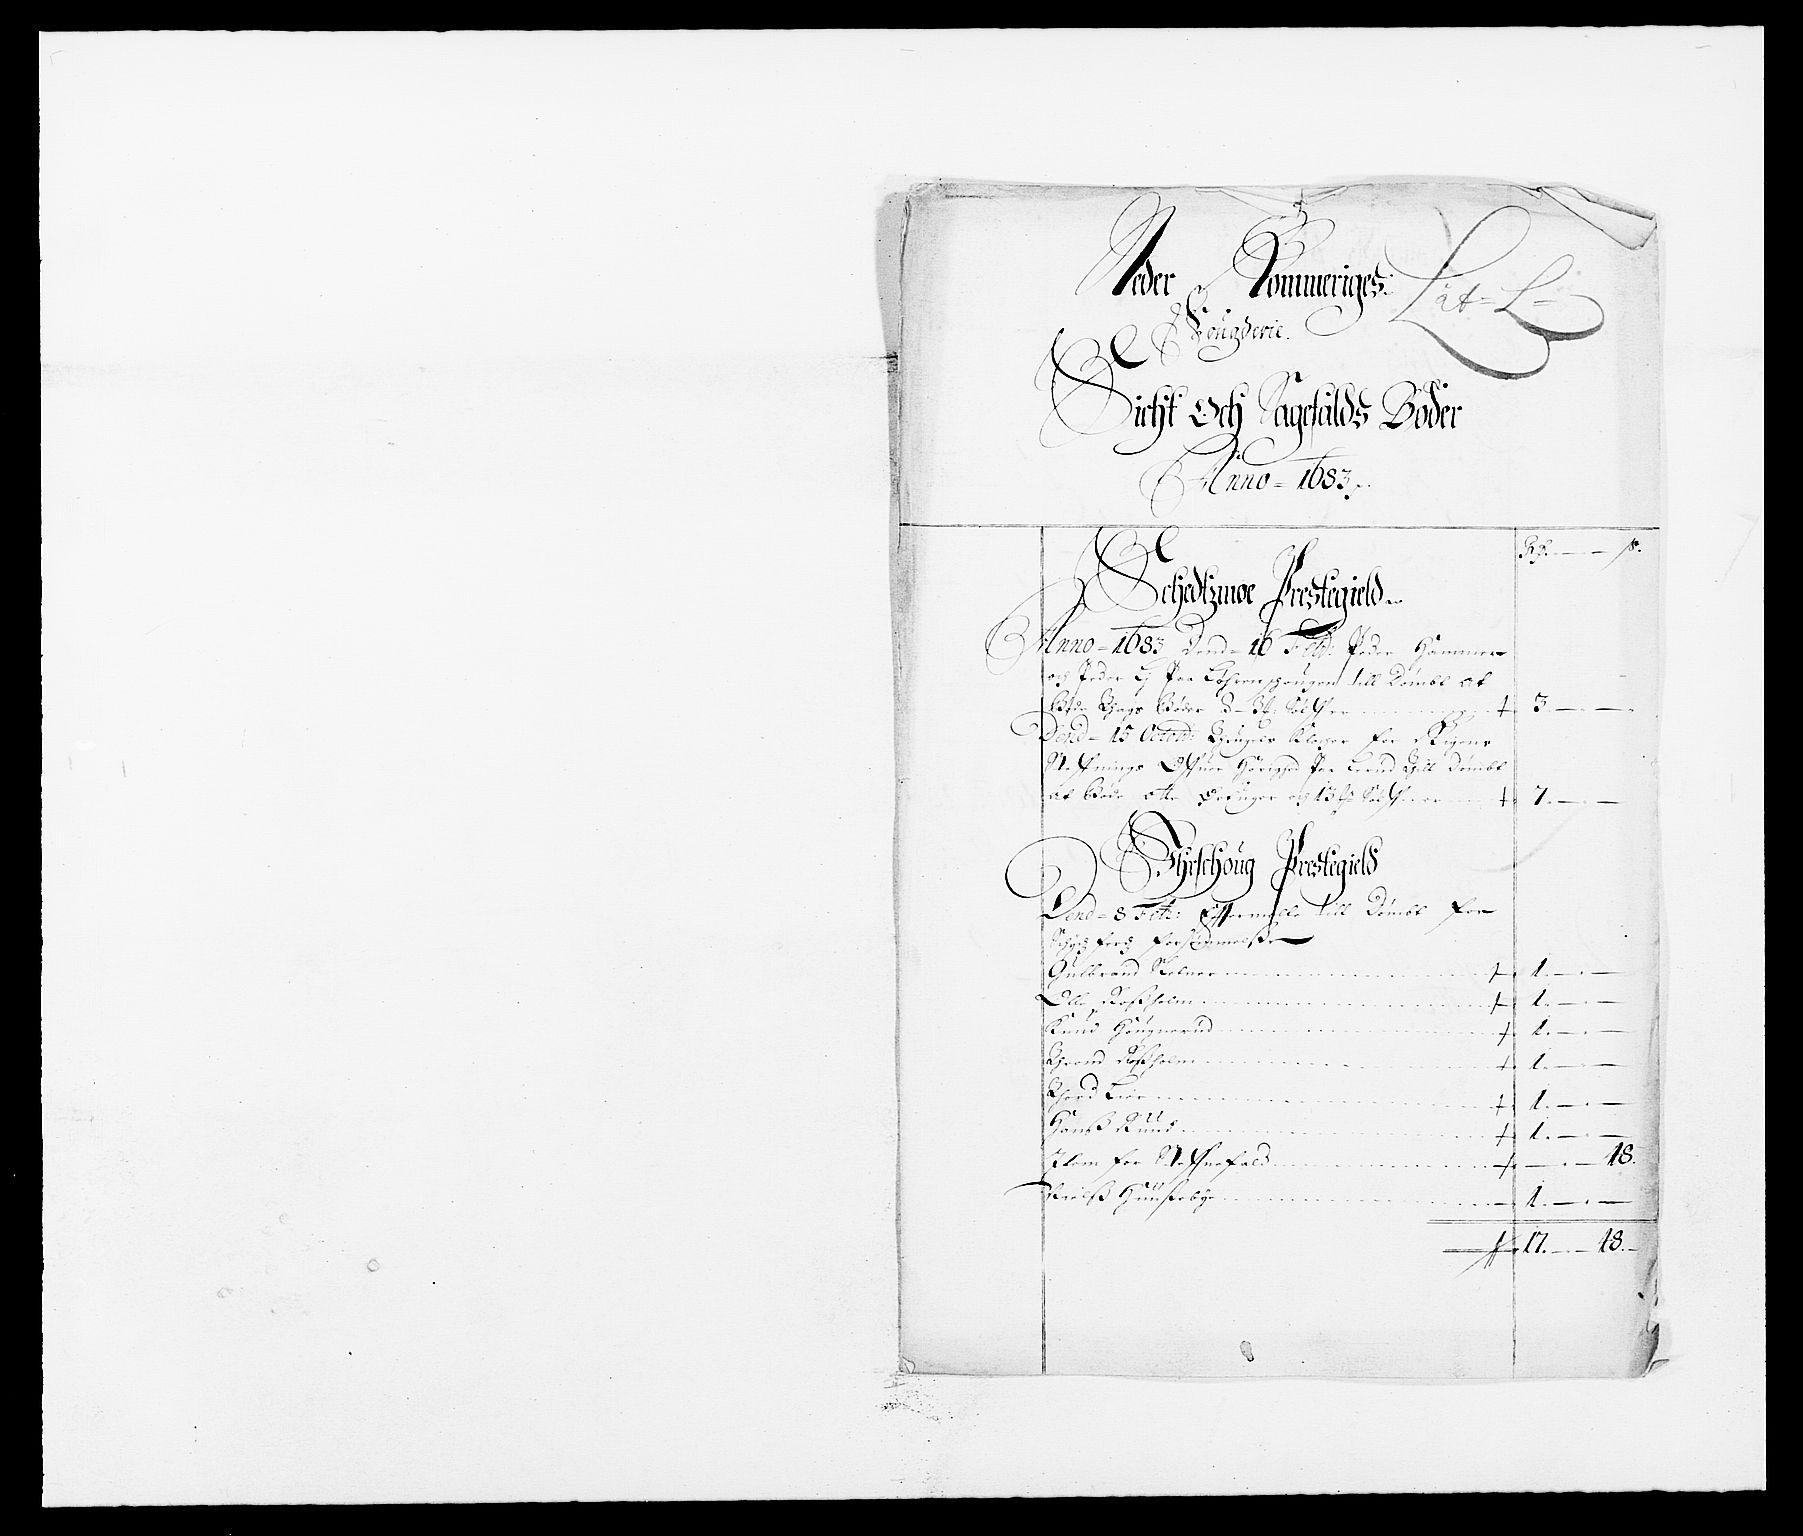 RA, Rentekammeret inntil 1814, Reviderte regnskaper, Fogderegnskap, R11/L0571: Fogderegnskap Nedre Romerike, 1683-1685, s. 72